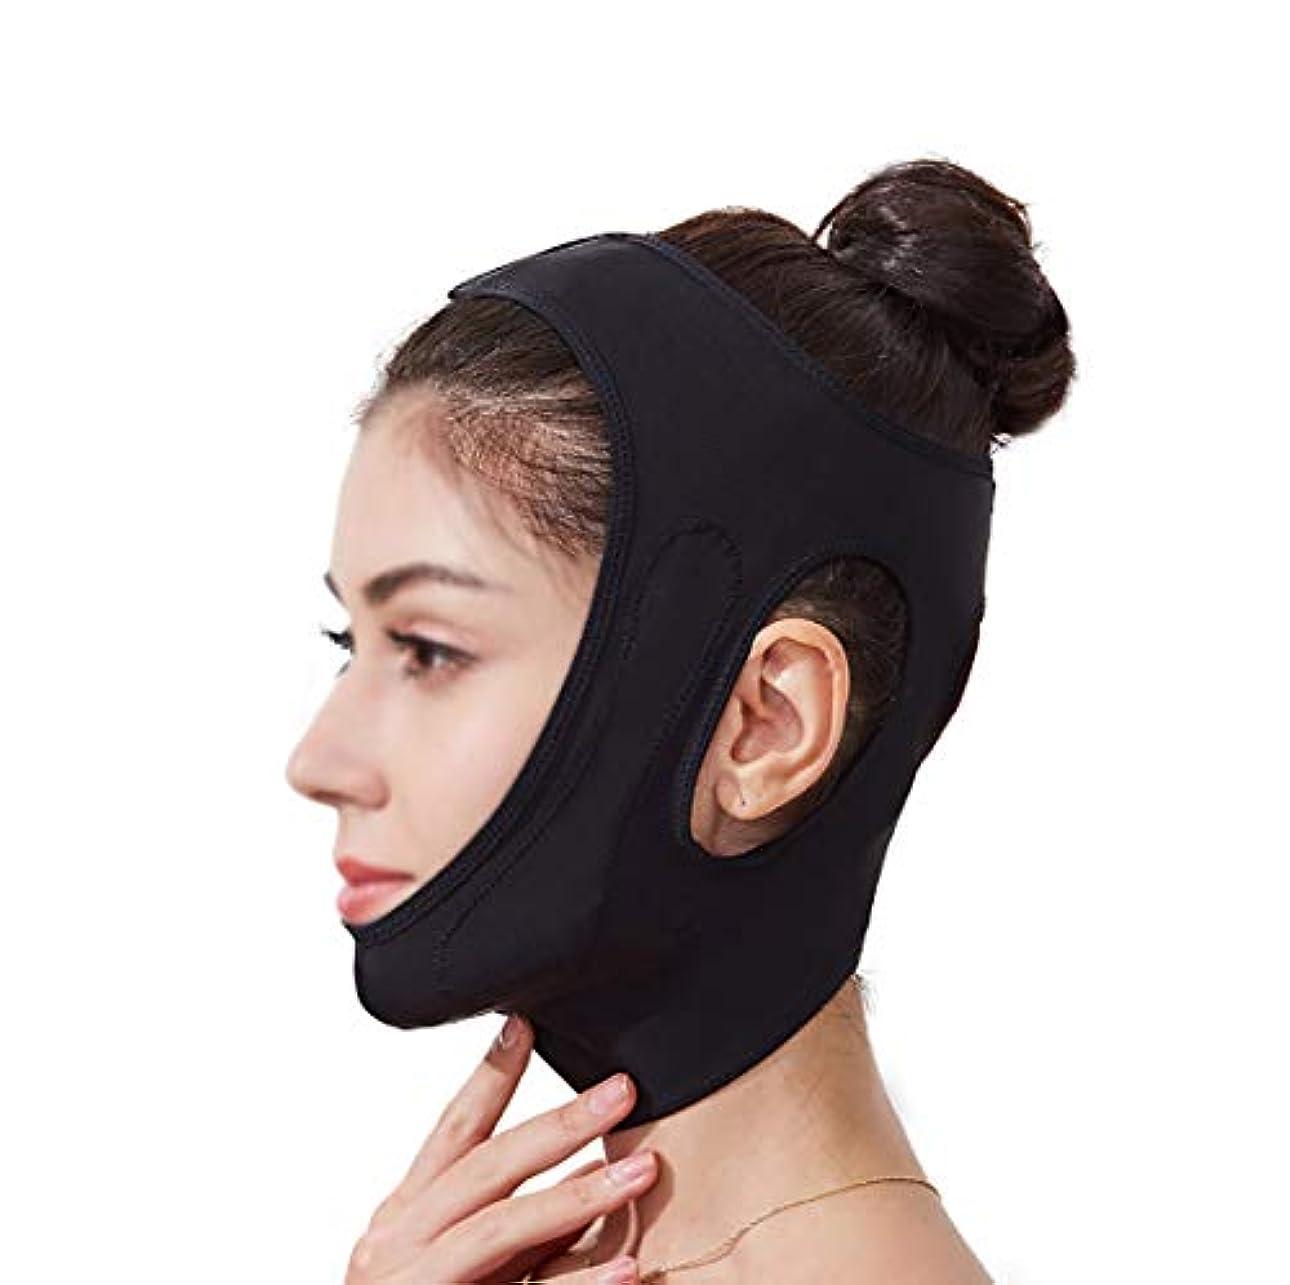 ポジティブオートマトンチャペルLJK フェイスリフティングマスク、360°オールラウンドリフティングフェイシャルコンター、あごを閉じて肌を引き締め、快適でフェイスライトと通気性をサポート (Color : Black)